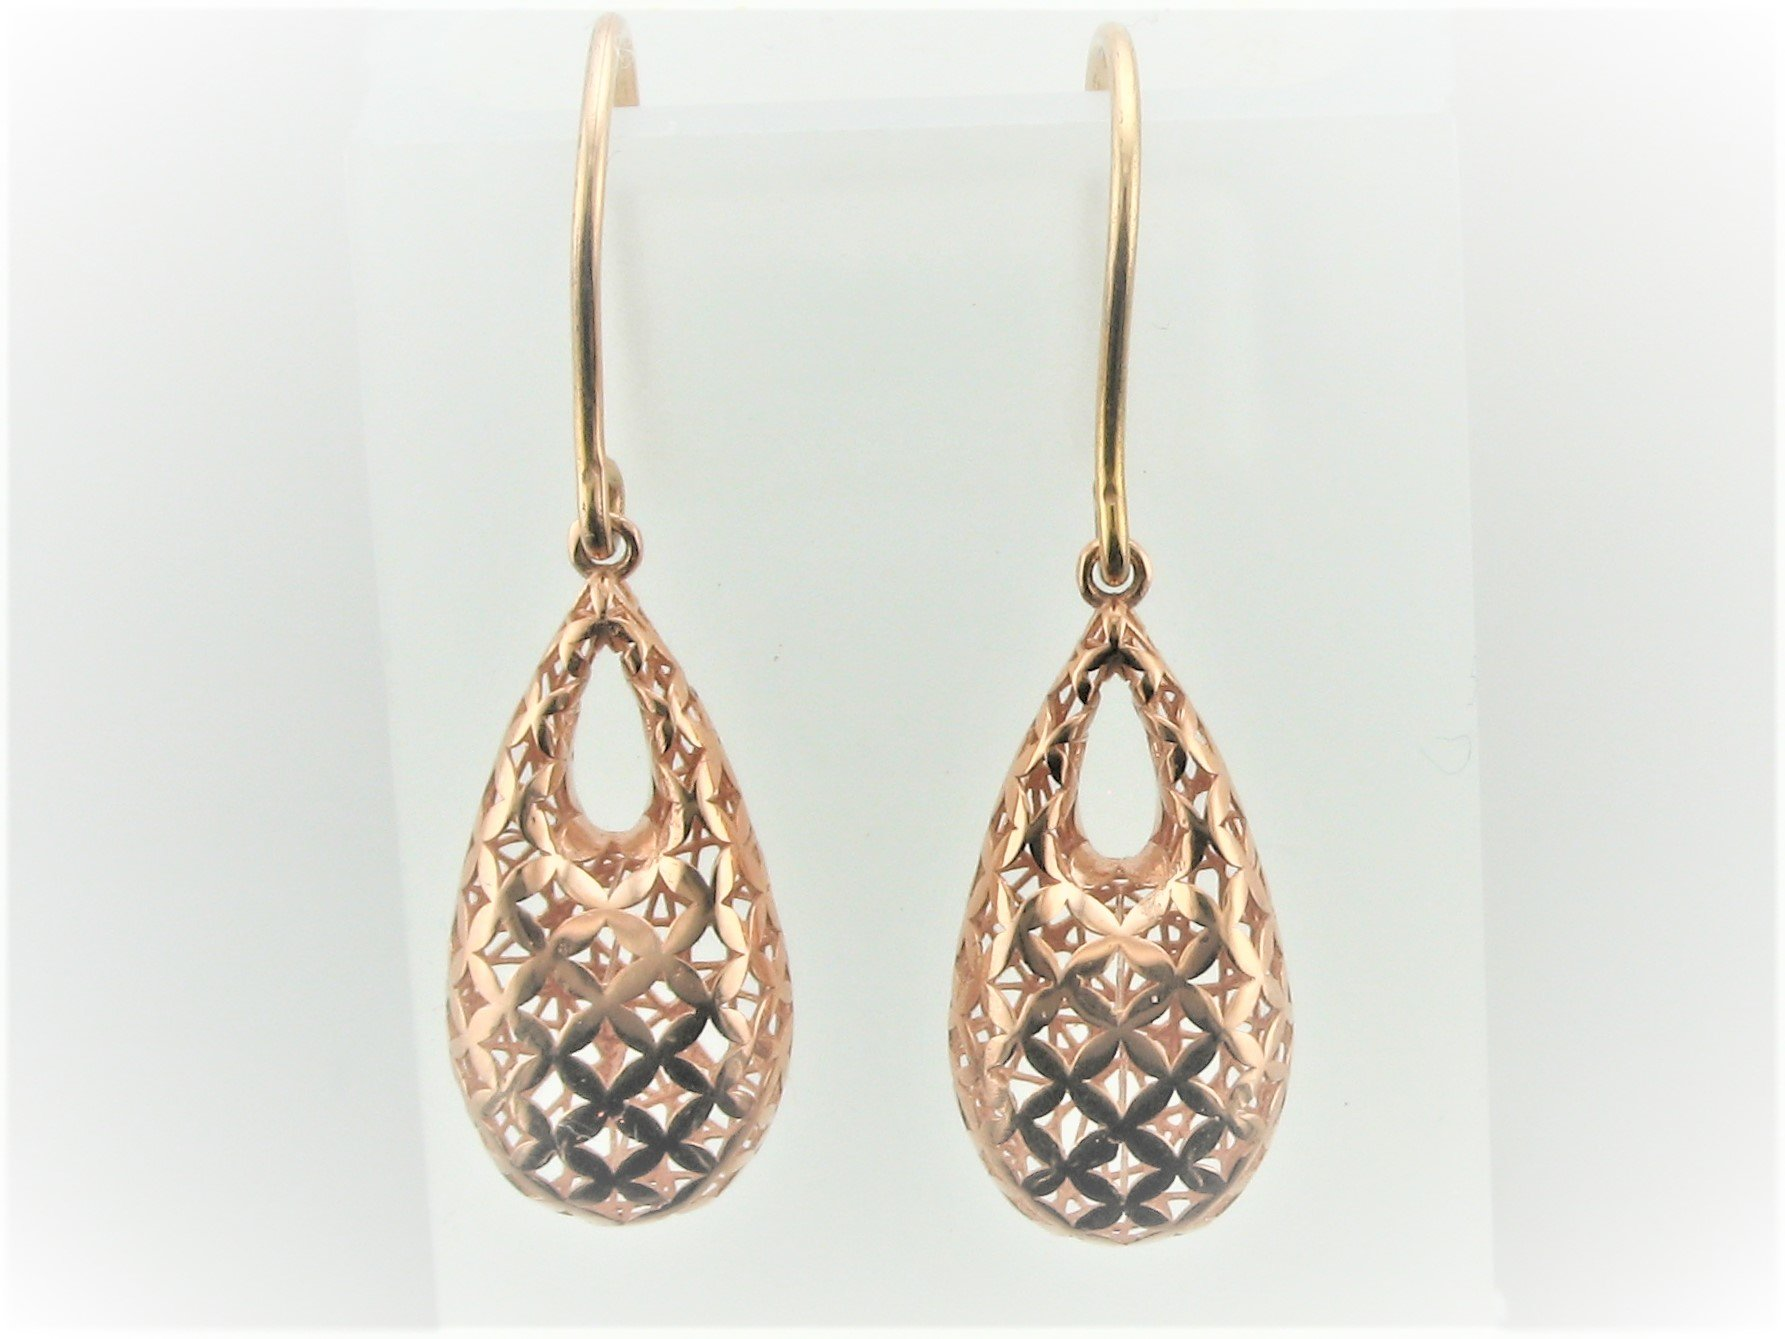 3-D Open Teardrop Earrings set in 14 Karat Rose Gold